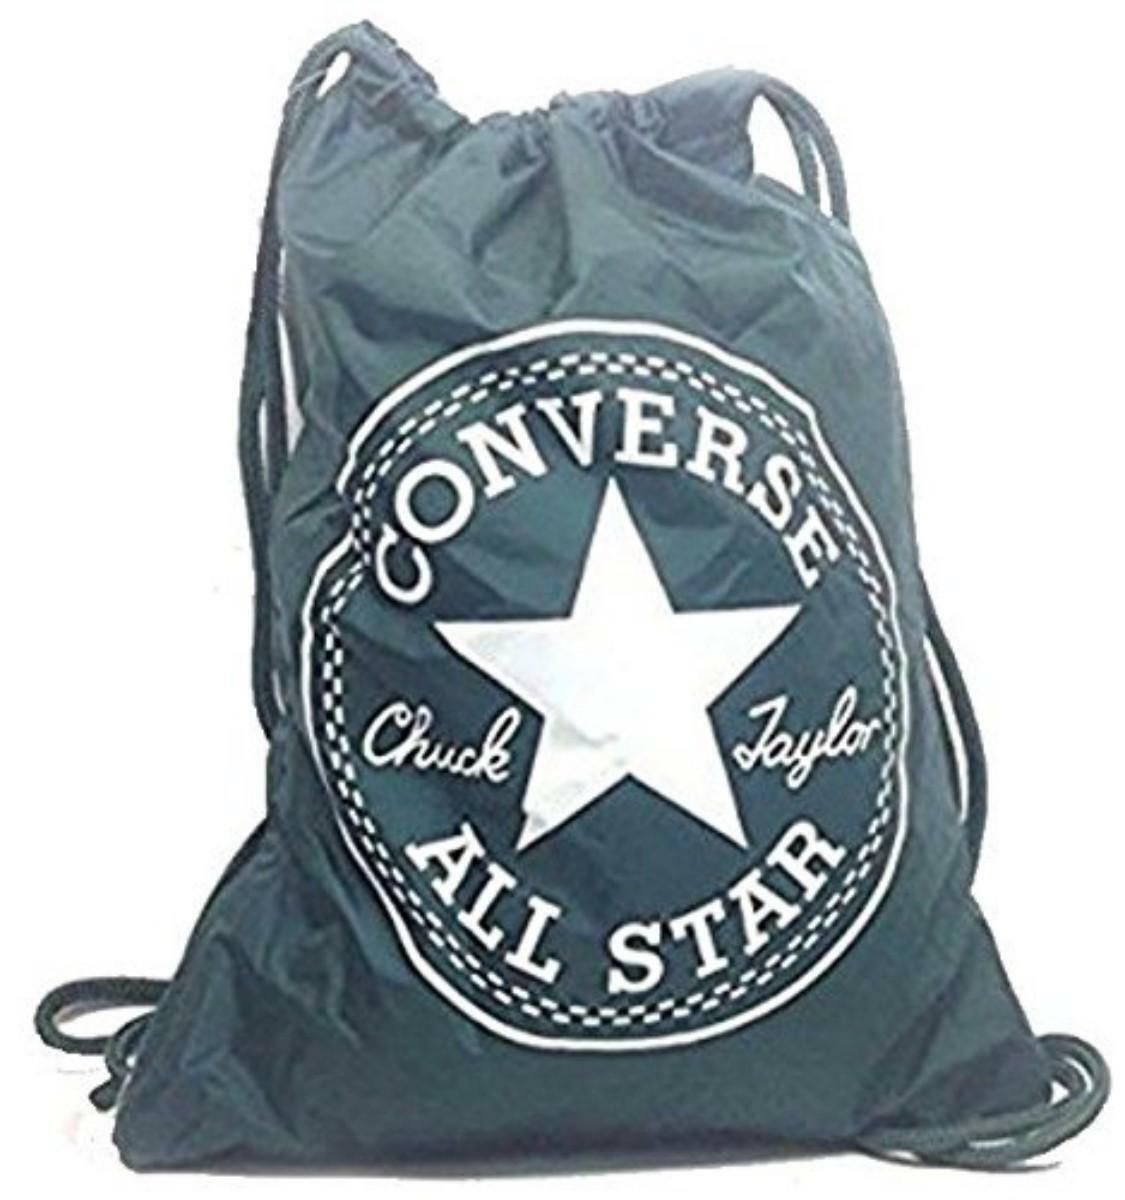 converse converse sacca nylon verde shoebag seasonal